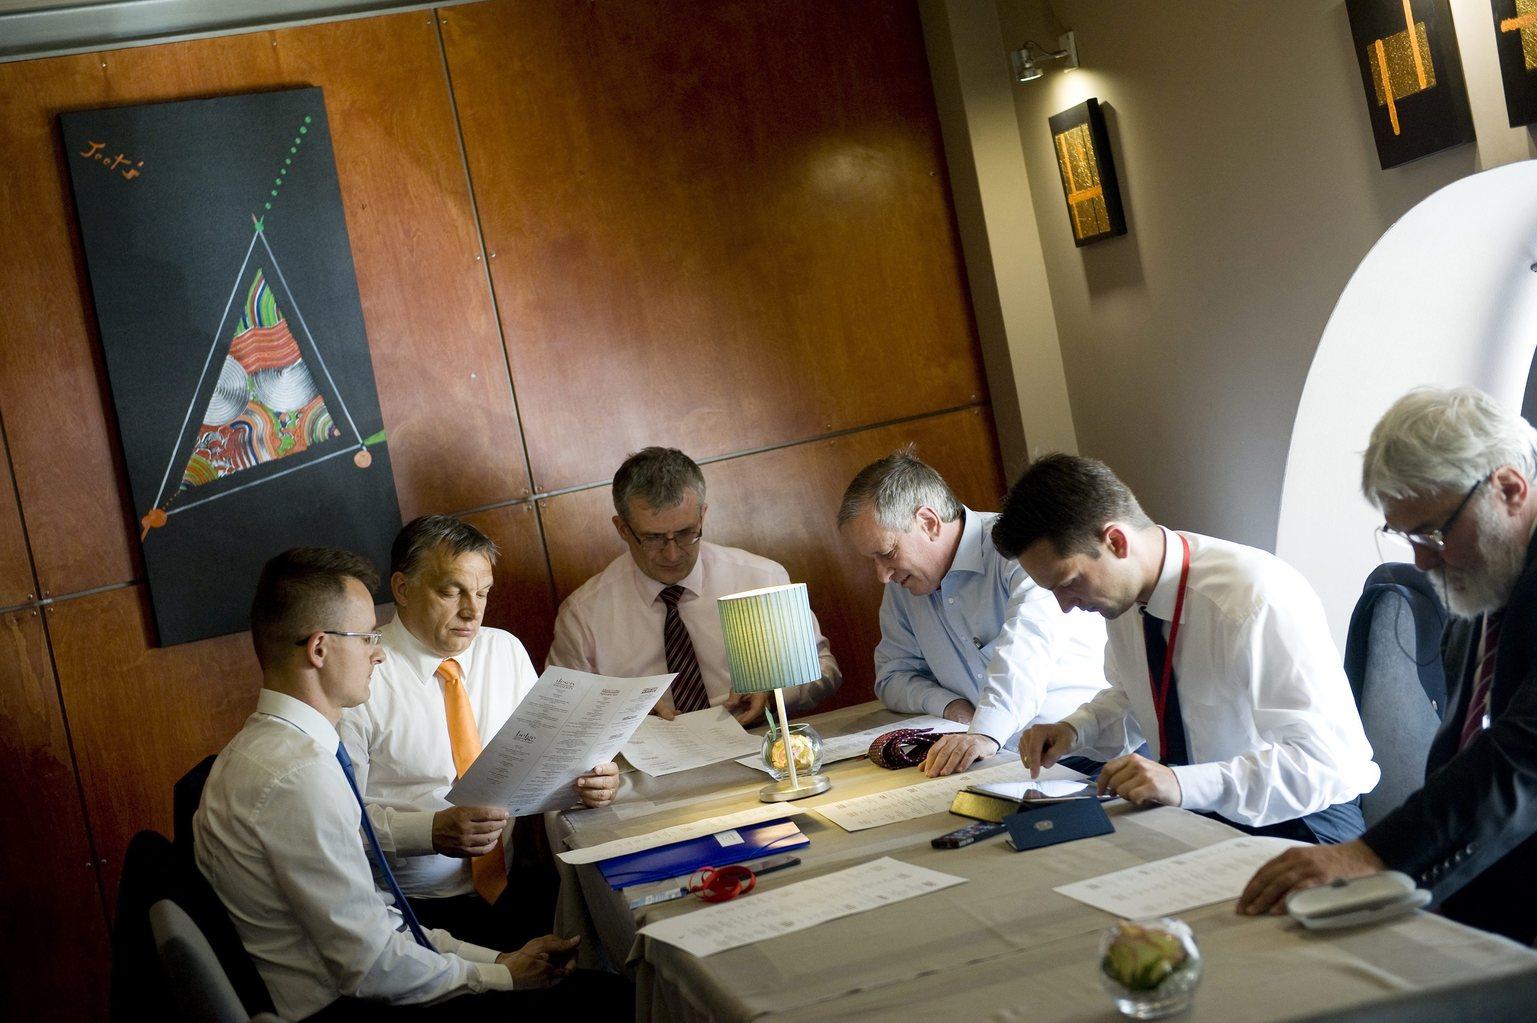 Varsó, 2013. június 16. Orbán Viktor miniszterelnök (b2) és delegációja ül egy kávézóban a visegrádi országok kormányfőinek és Japán miniszterelnökének varsói csúcstalálkozója szünetében 2013. június 16-án. A kormányfő mellett Szijjártó Péter, a Miniszterelnökség külügyi és külgazdasági államtitkára (b), Gyurcsik Iván varsói nagykövet (b3), Gottfried Péter, a miniszterelnök külpolitikai tanácsadója (b4) és Havasi Bertalan, a kormányfő sajtófőnöke (b5). MTI Fotó: Koszticsák Szilárd